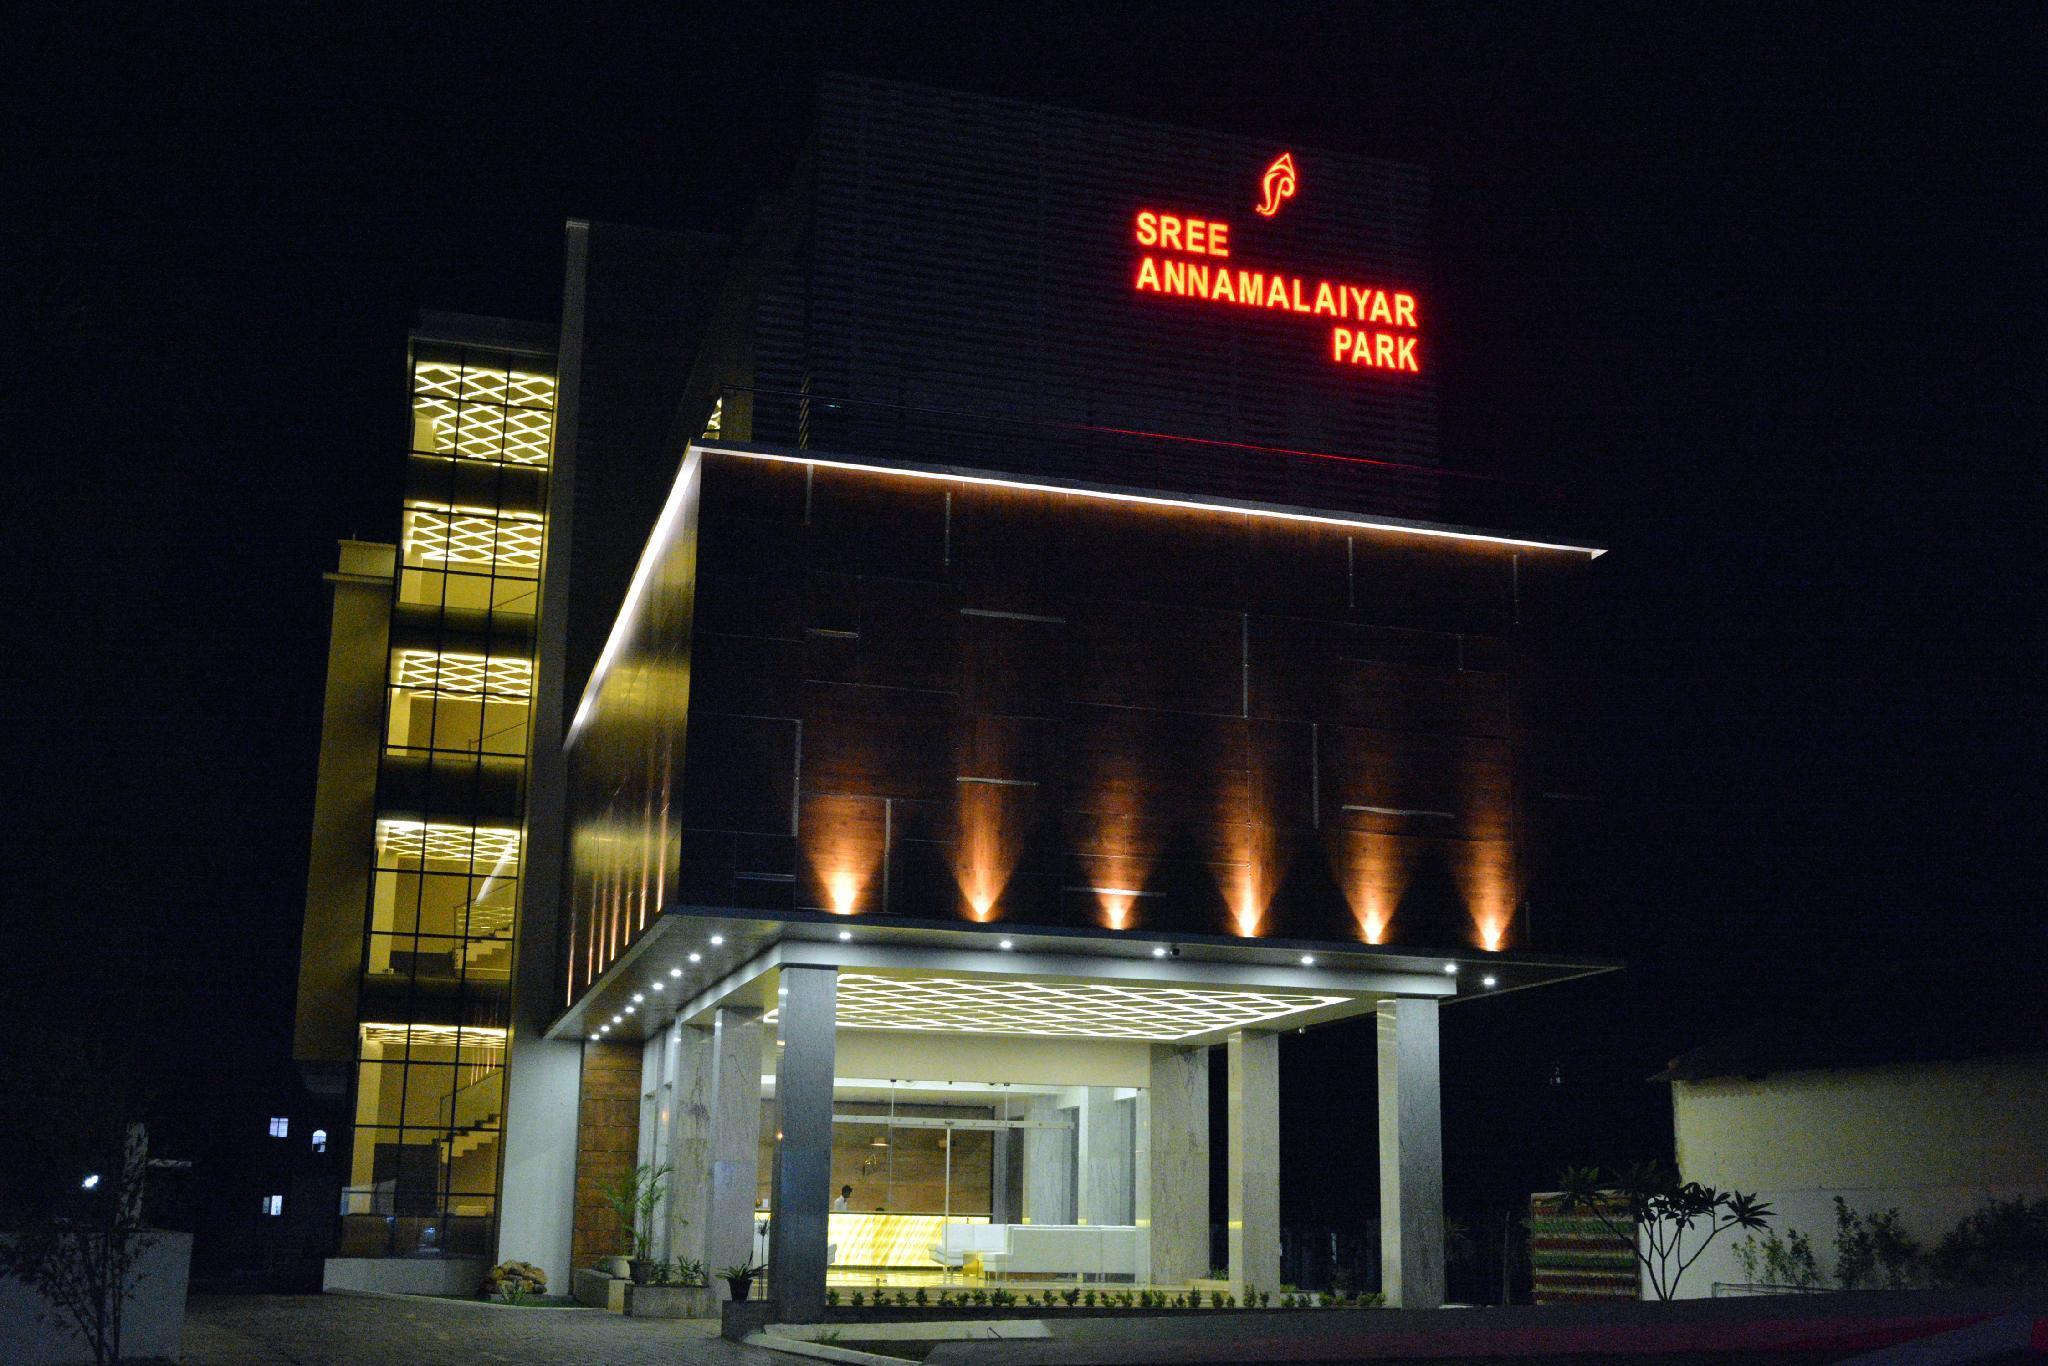 Sree Annamalaiyar Park